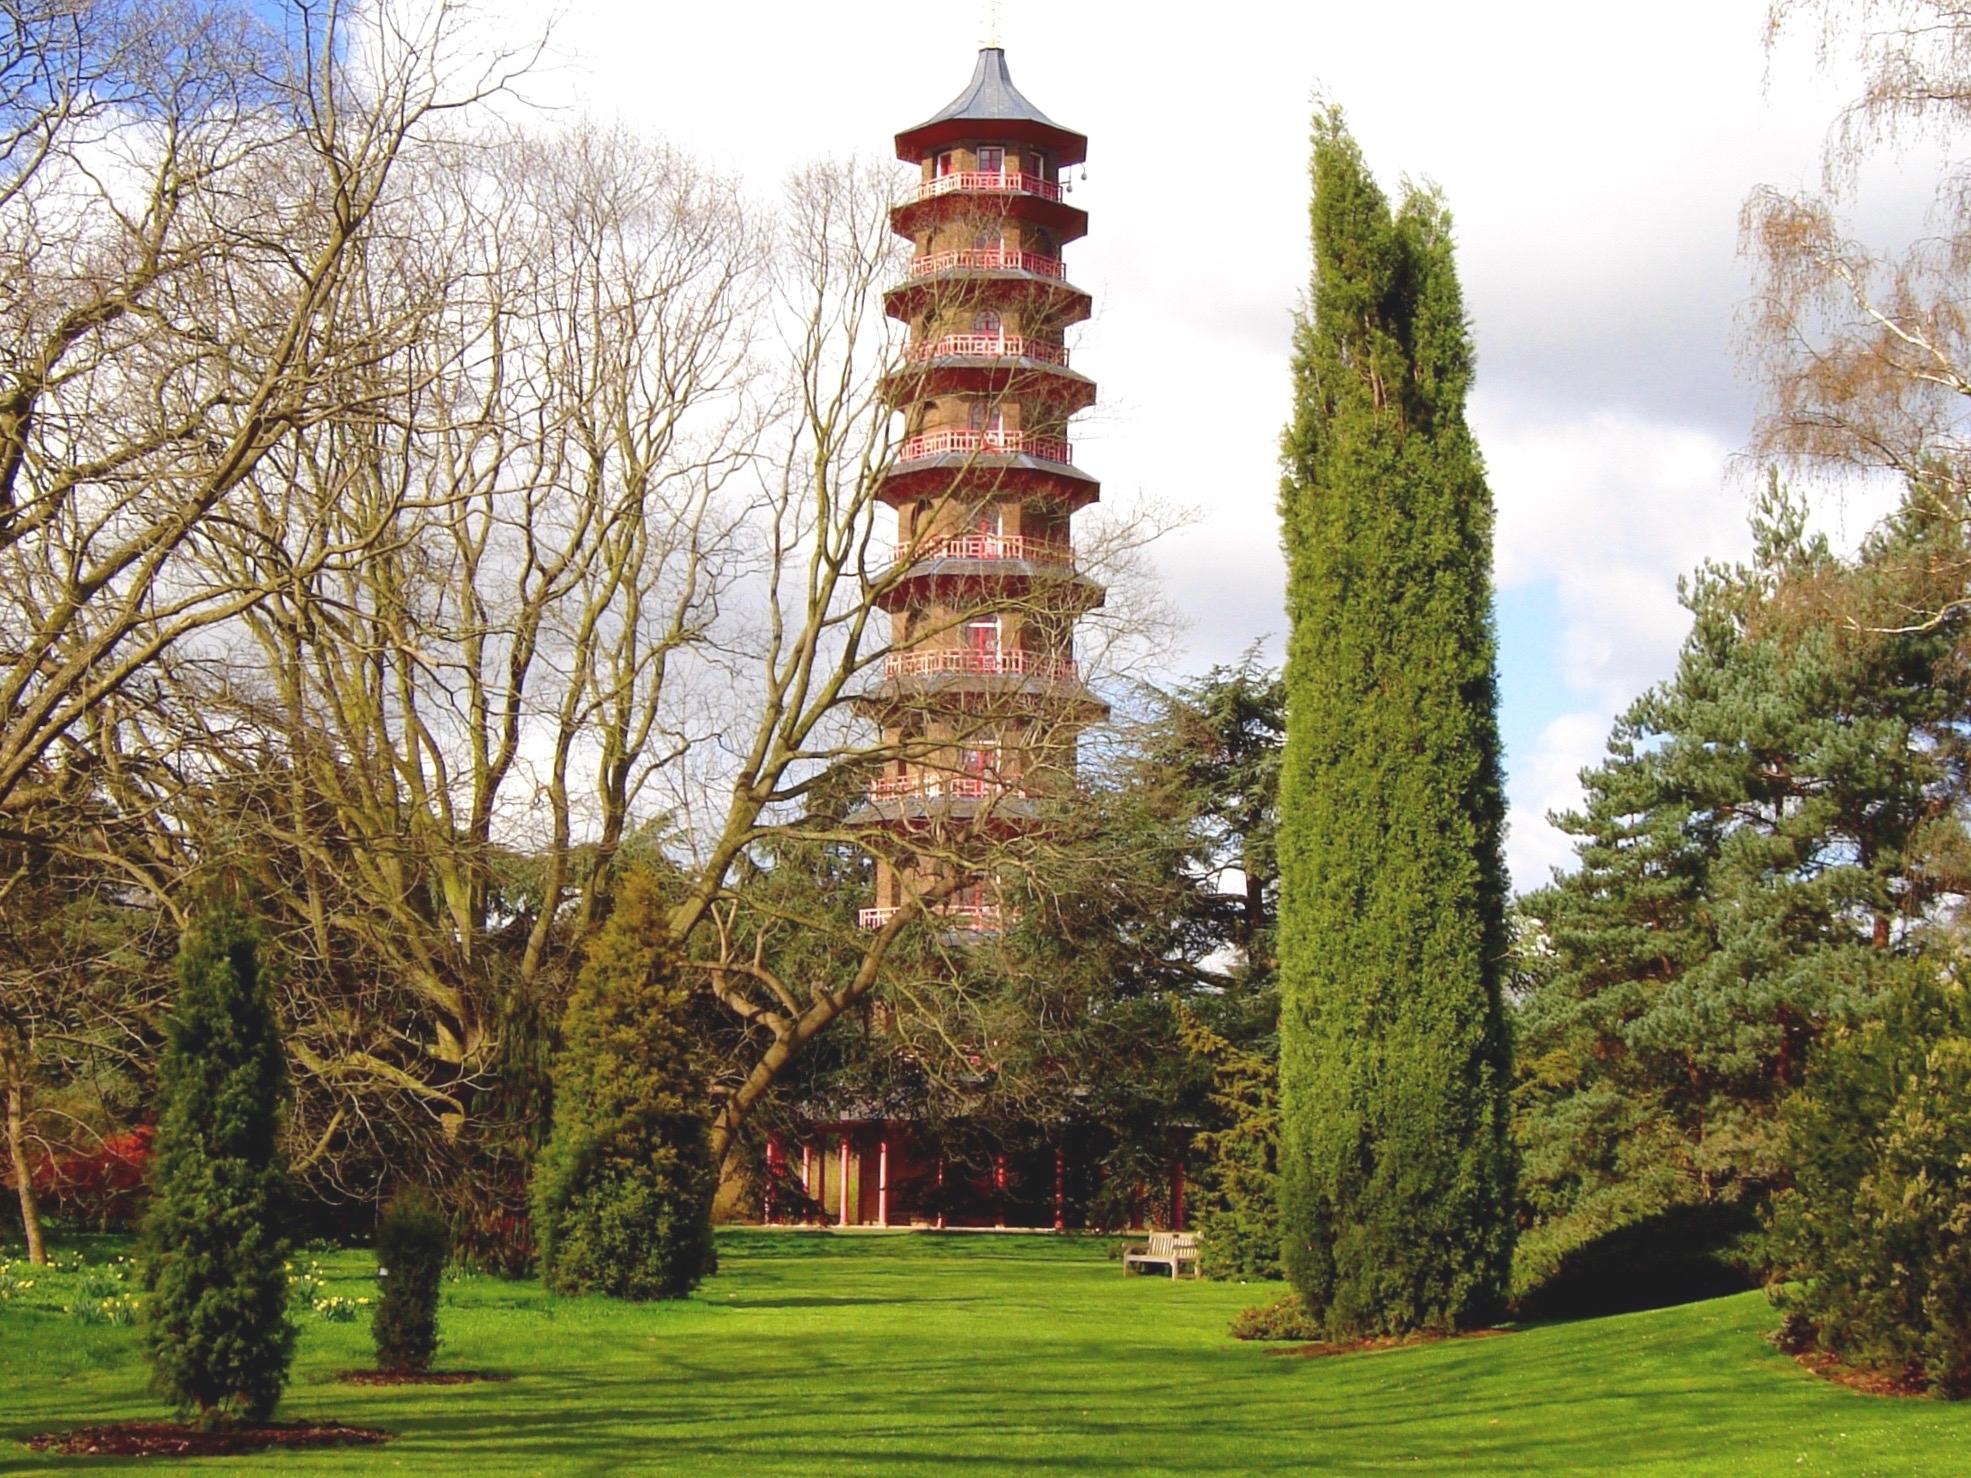 Kew_Gardens_Pagoda_1